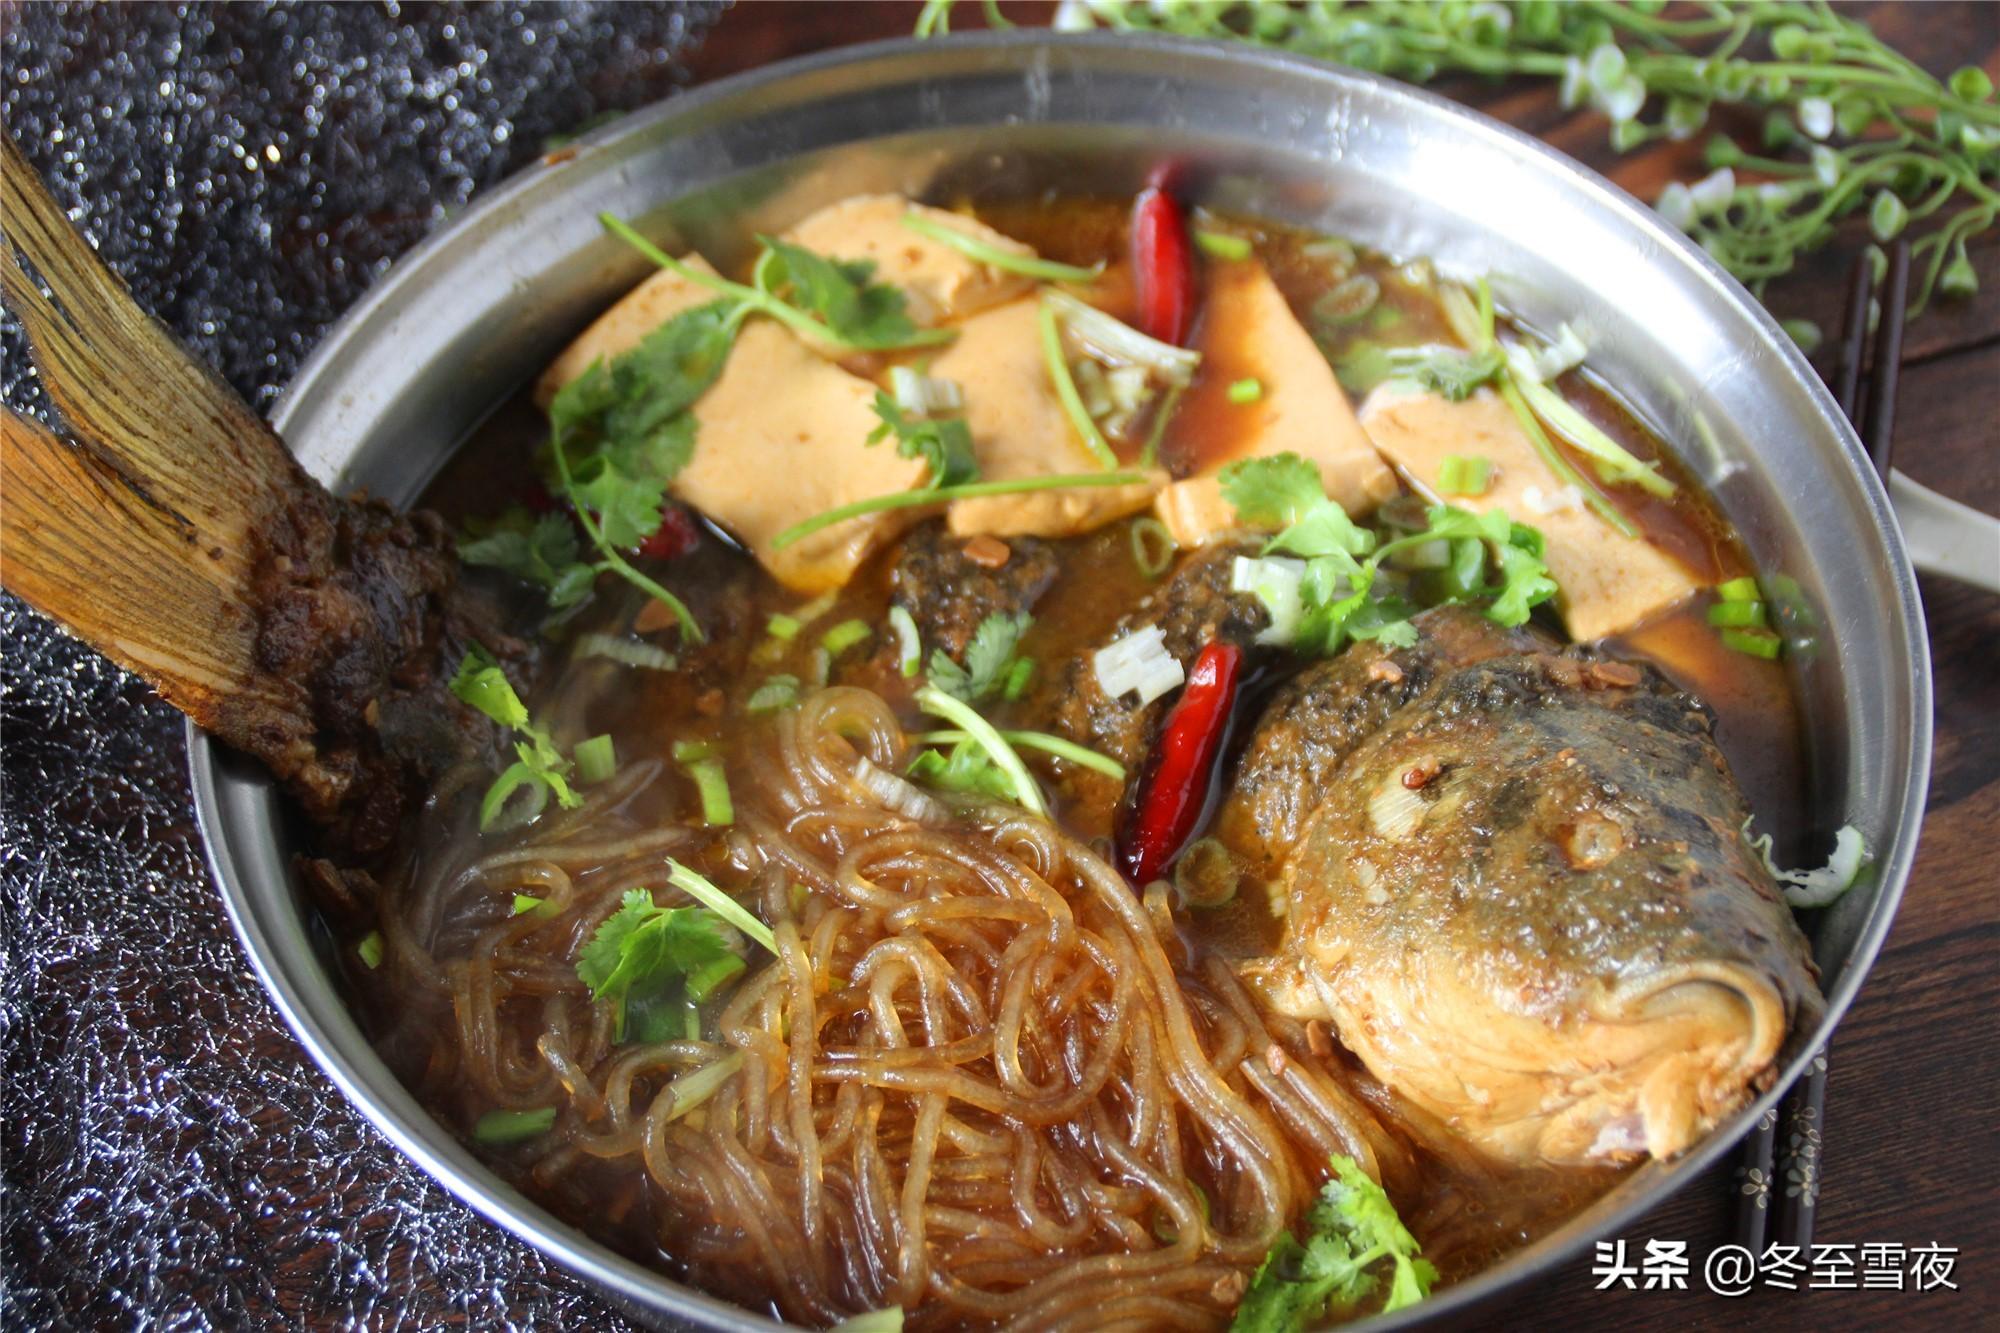 23道东北家常菜,吃了几十年都不腻,东北人都不一定全吃过 东北菜谱 第21张